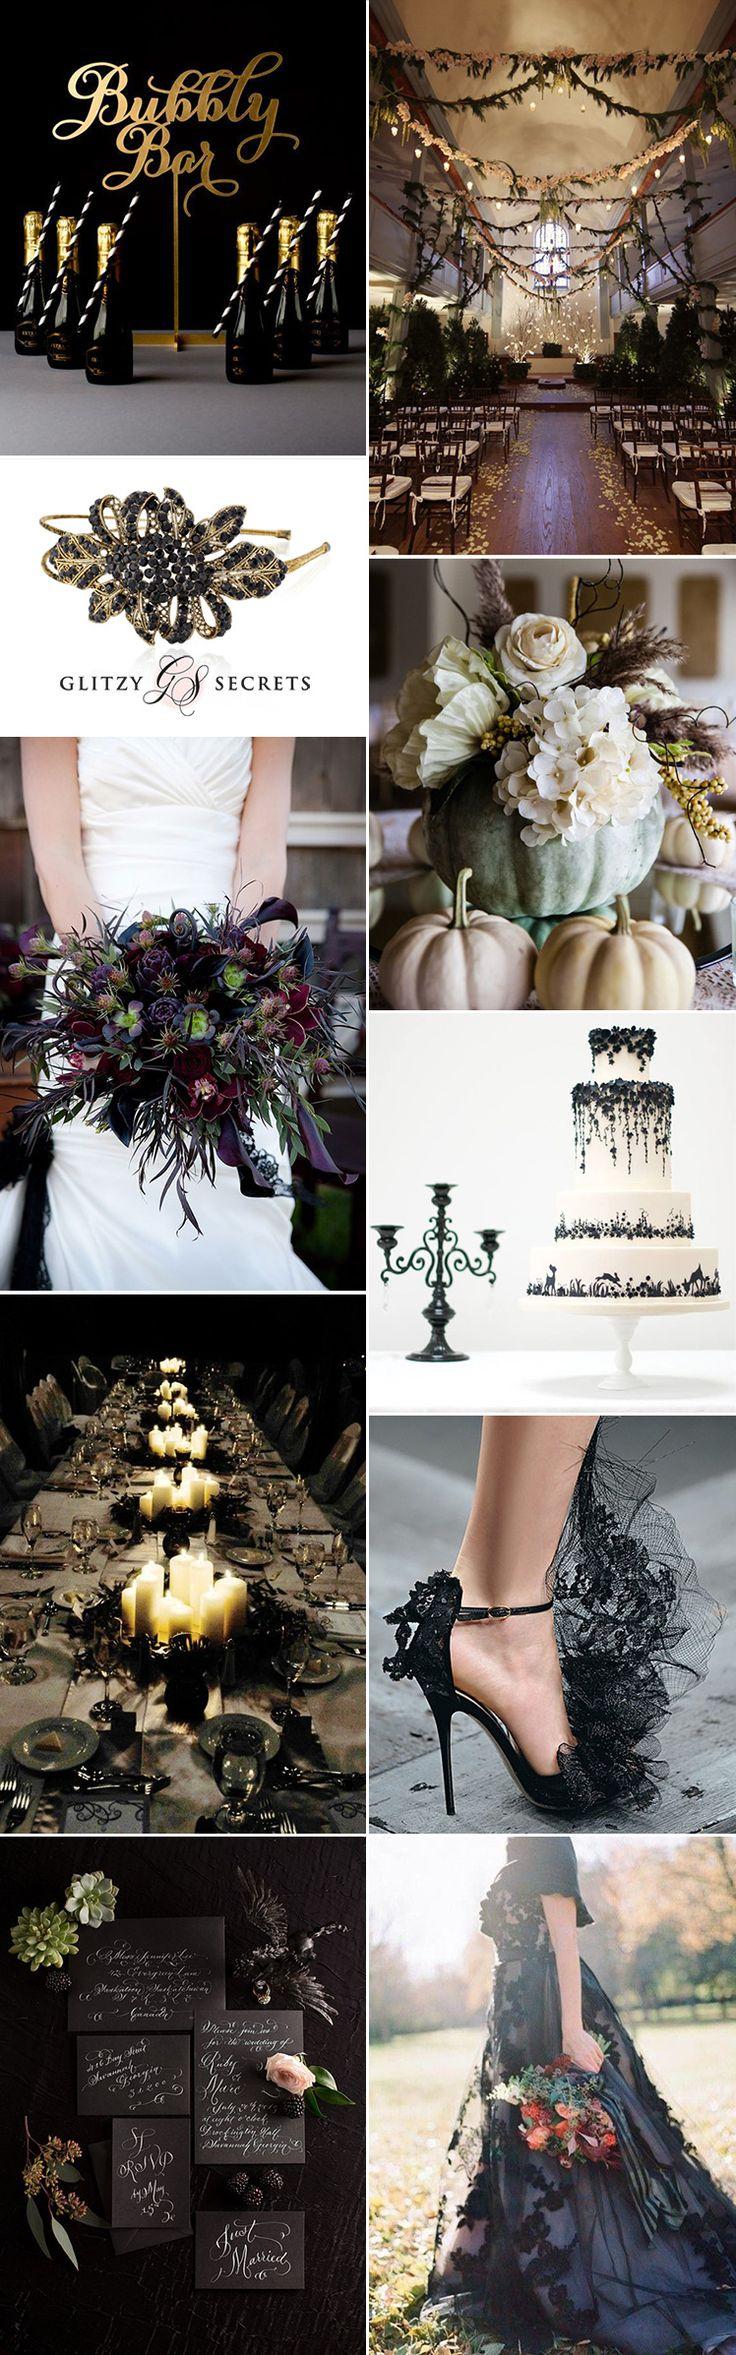 Halloween Themed Wedding Ideas with an edge